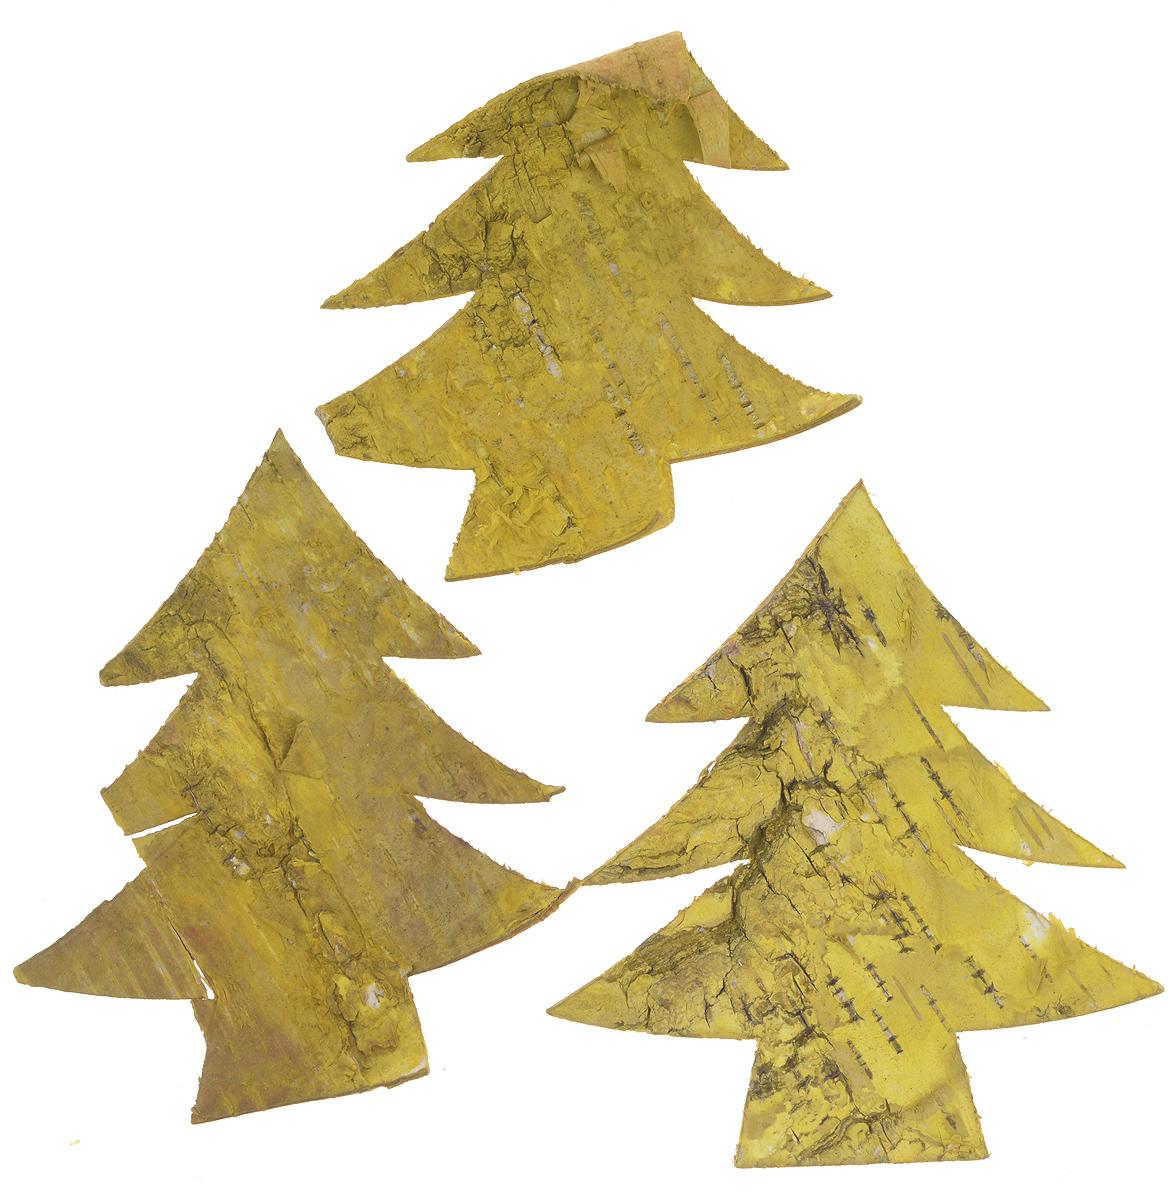 Декоративные элементы Dongjiang Art, цвет: желтый, длина 10 см, 3 шт7709019_желтыйДекоративные элементы Dongjiang Art представляют собой срезы дерева и предназначены для украшения цветочных композиций. Такие элементы могут пригодиться во флористике и многом другом. Флористика - вид декоративно-прикладного искусства, который использует живые, засушенные или консервированные природные материалы для создания флористических работ. Это целый мир, в котором есть место и строгому математическому расчету, и вдохновению. Размер элемента: 10 см х 8 см х 0,2 см.